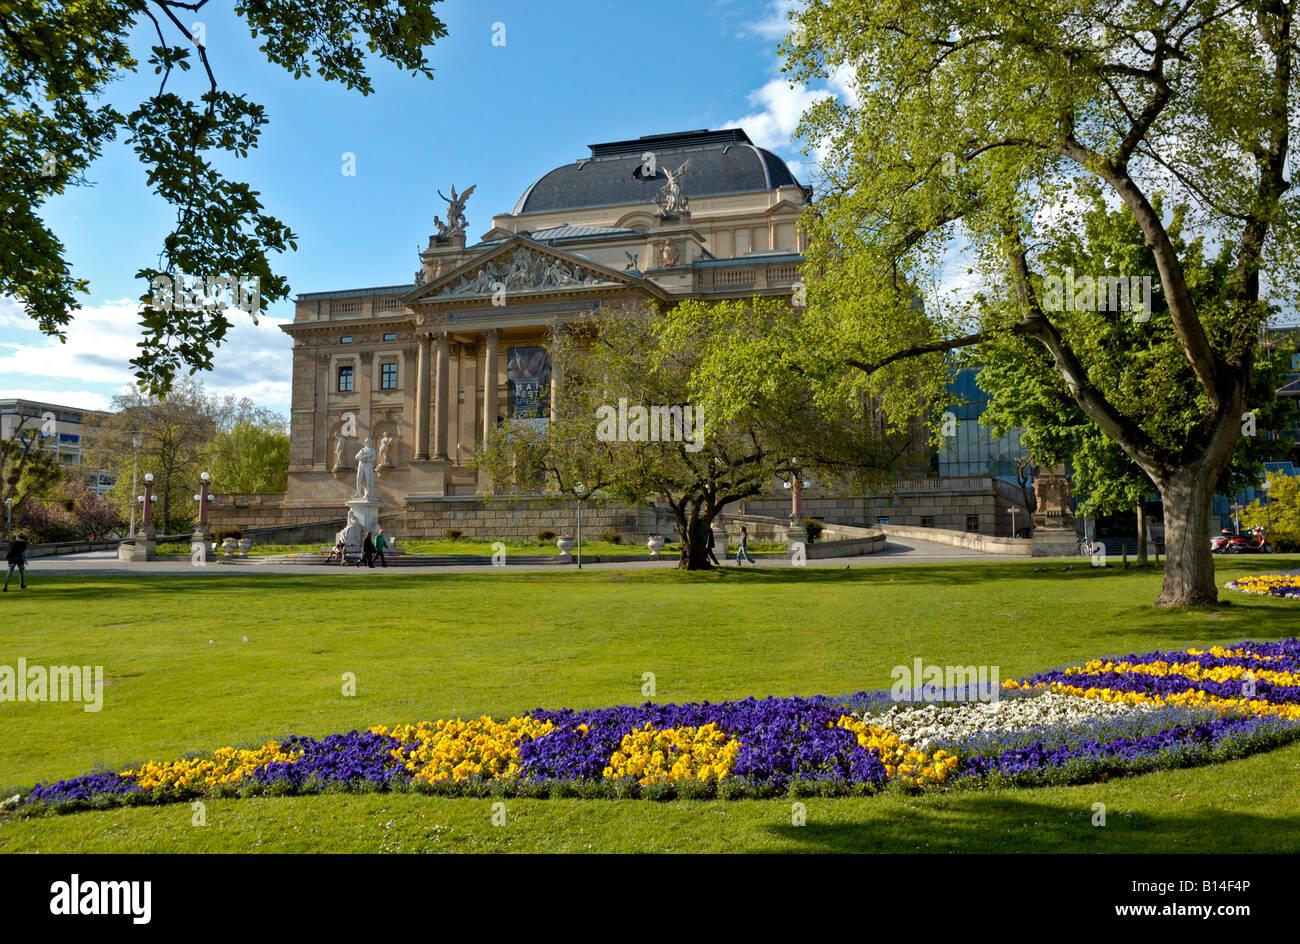 Staatstheater Wiesbaden Parken